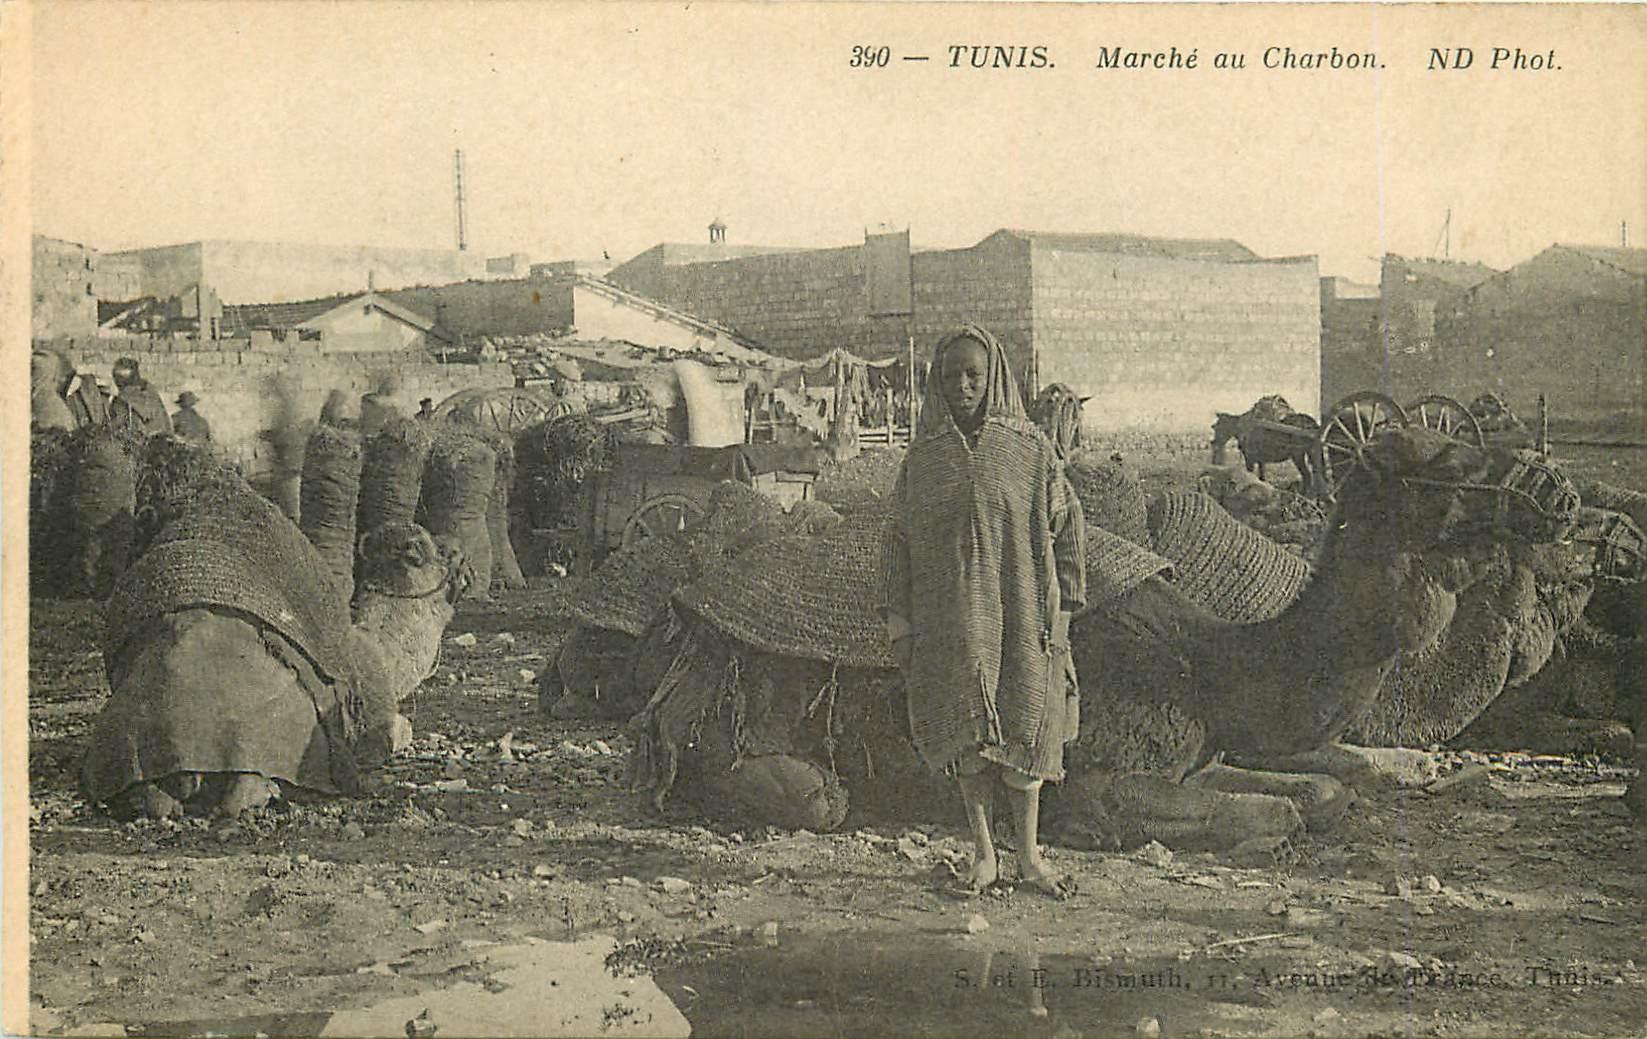 WW TUNIS. Marché au Charbon avec Chameaux